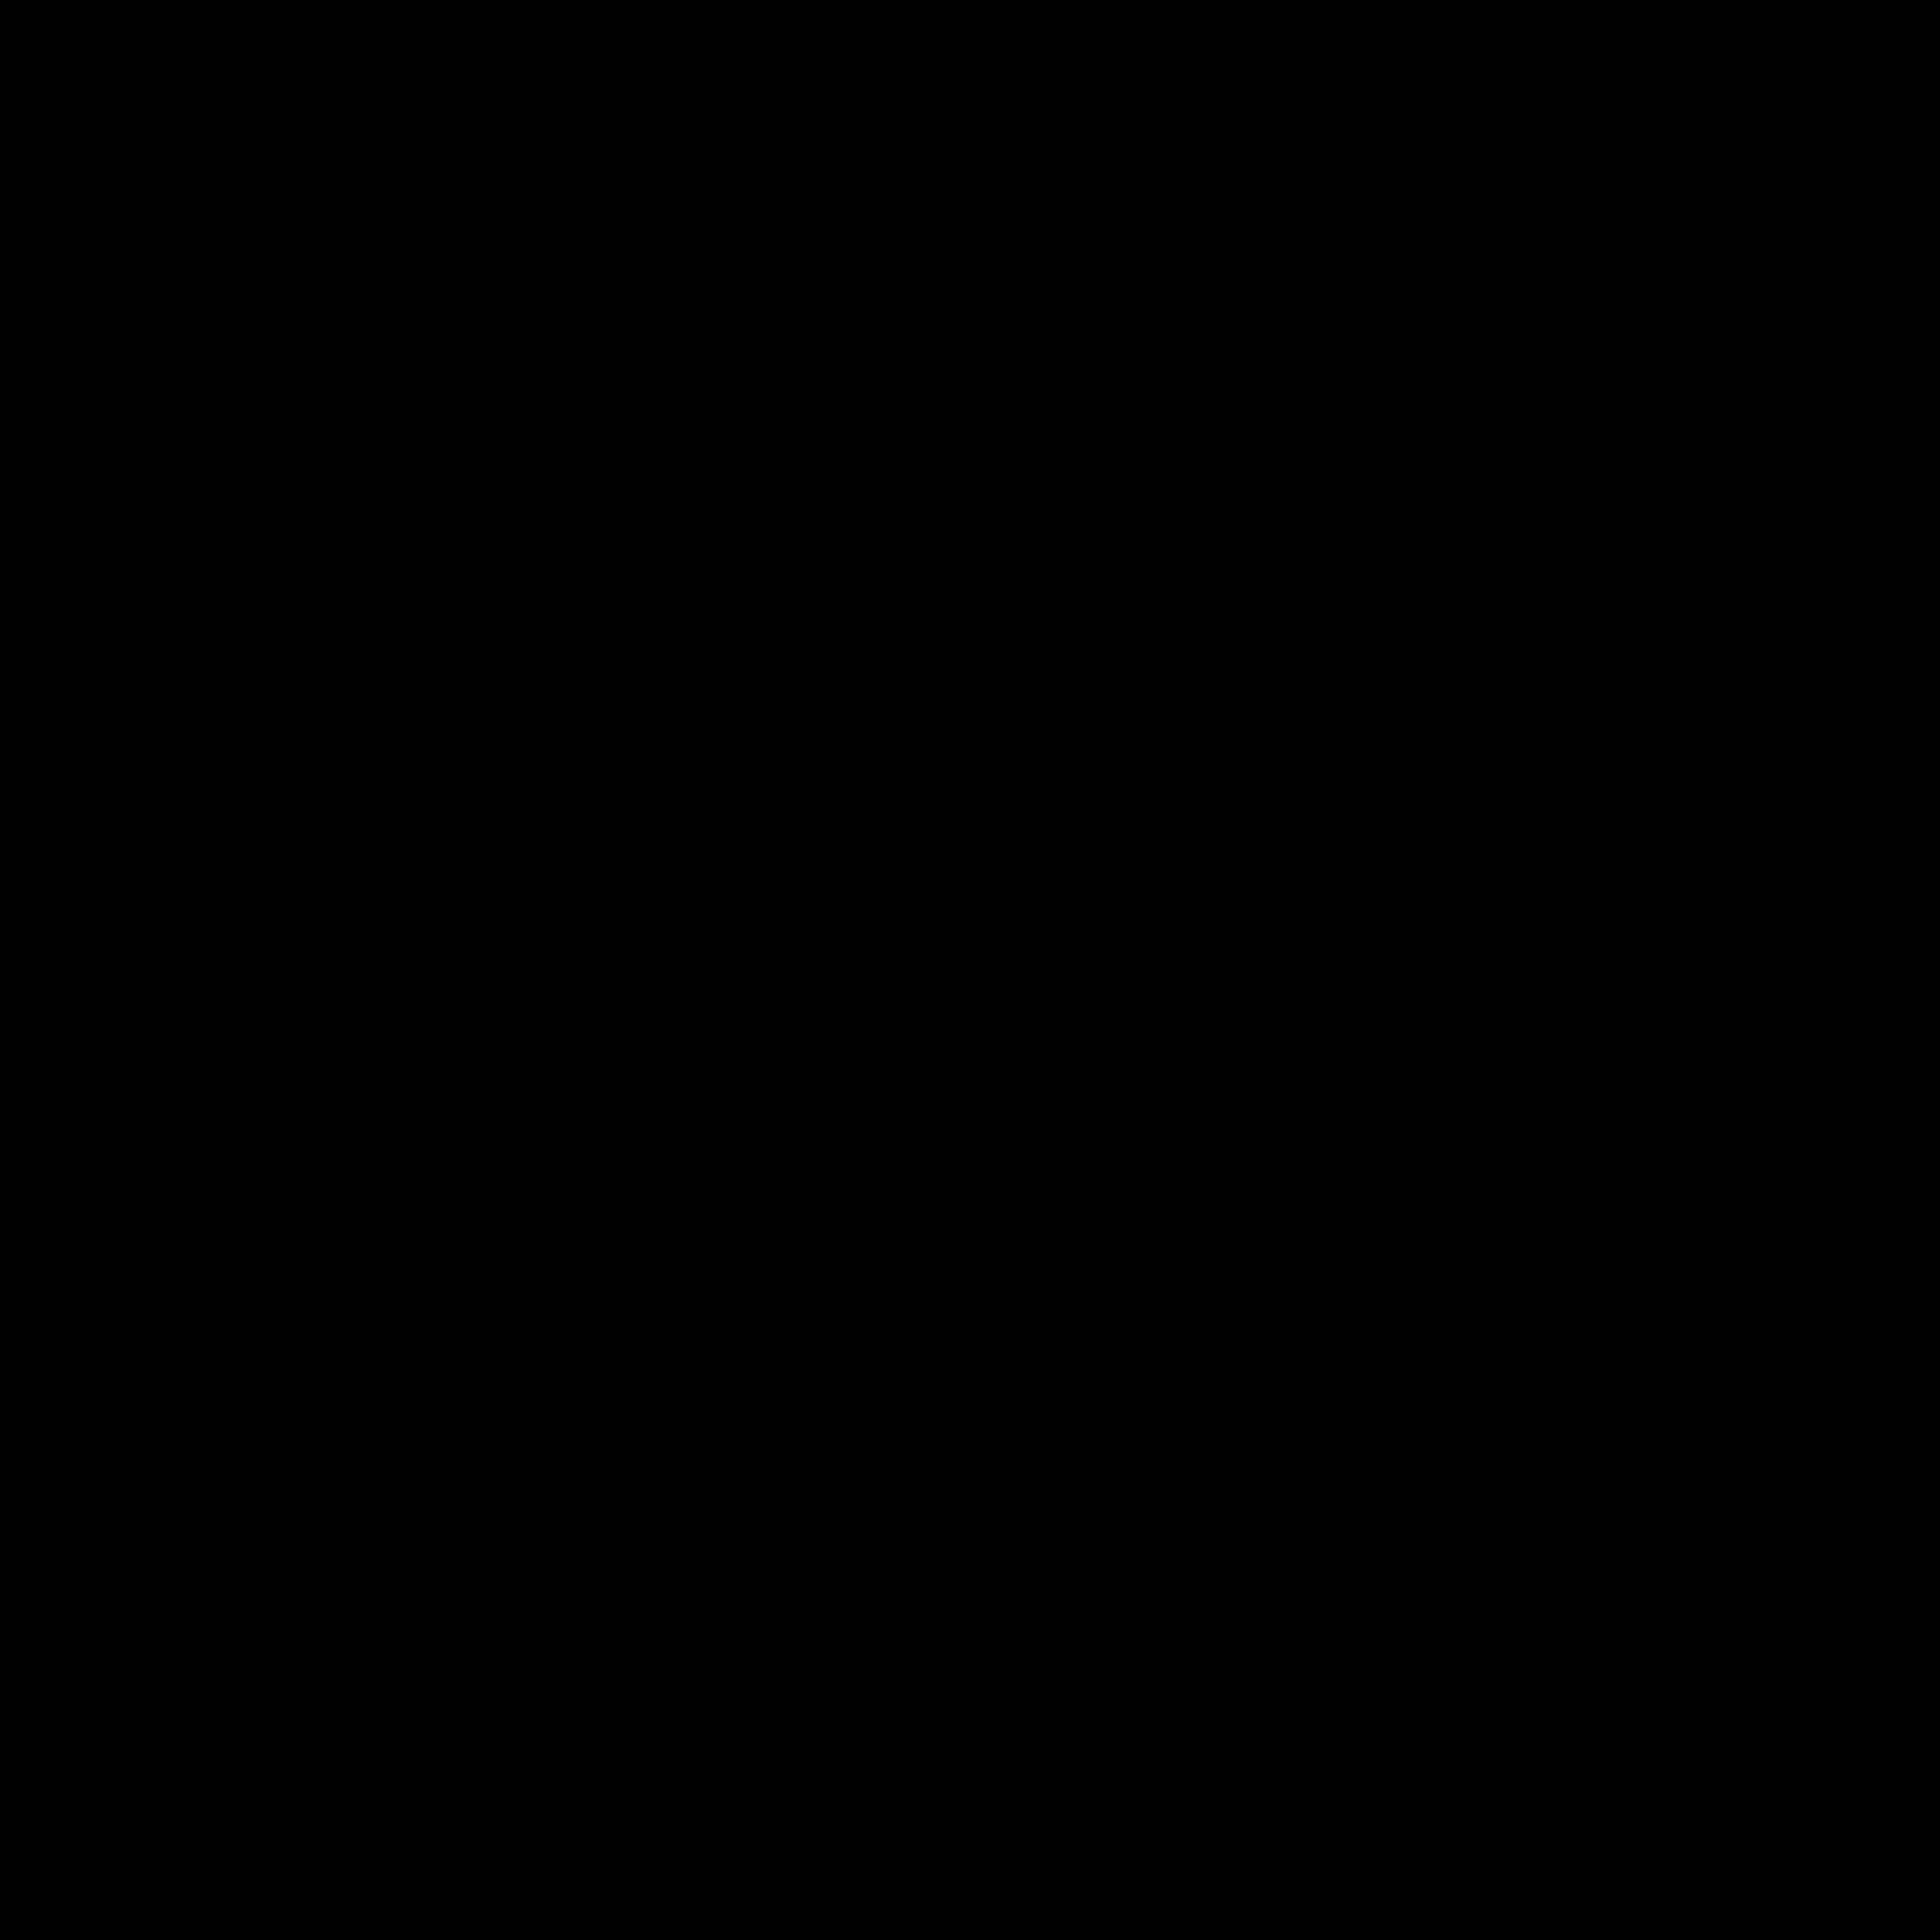 16B2401 Egg ring set/4